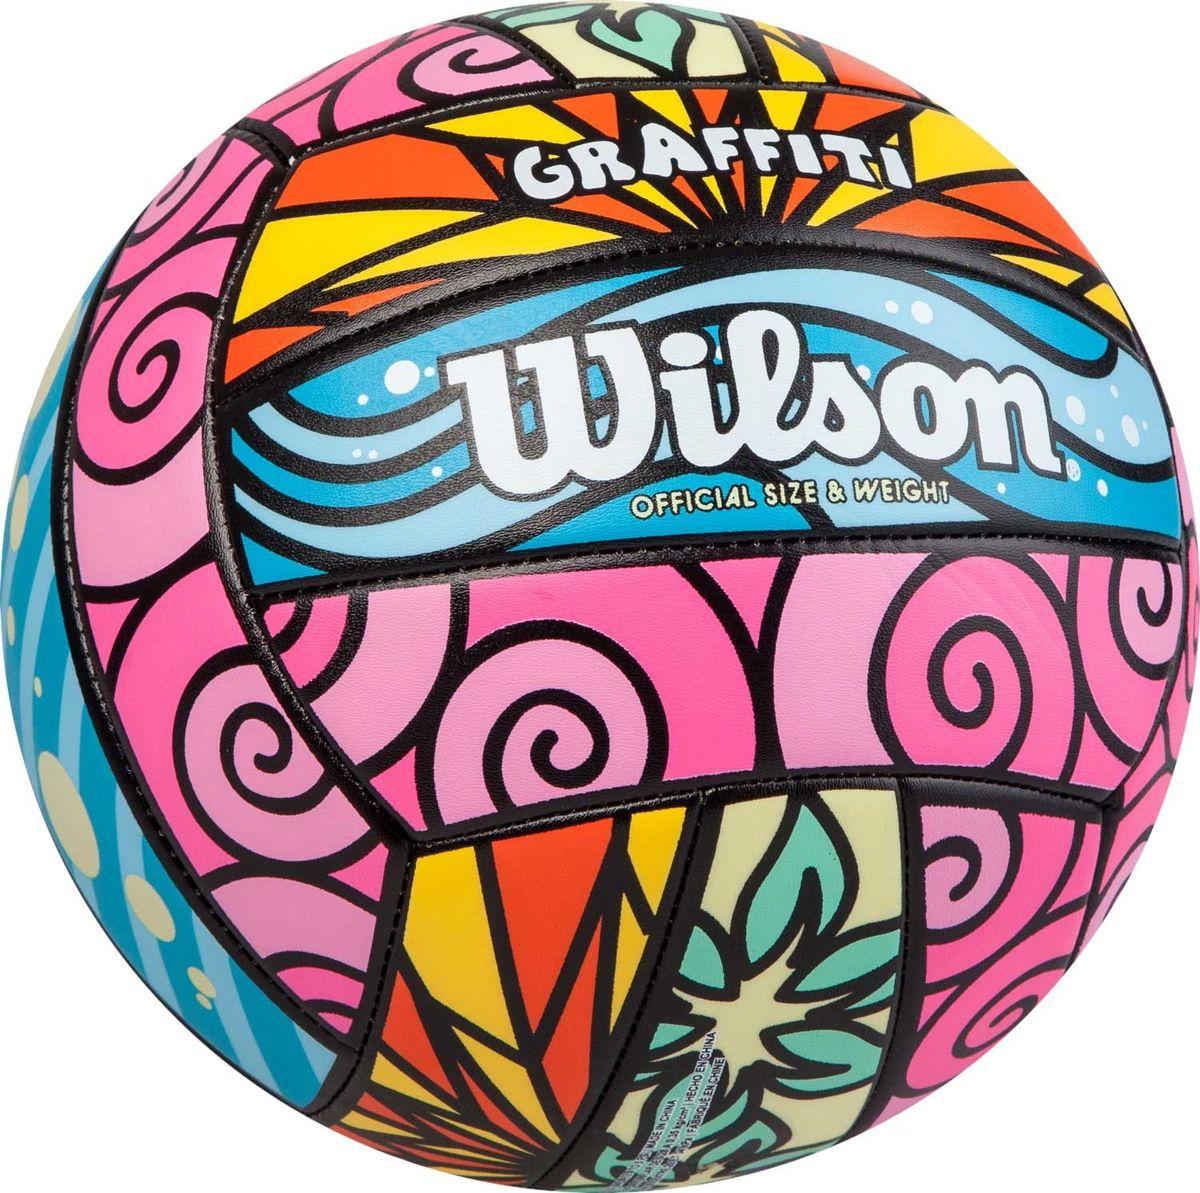 Мяч волейбольный Wilson Graffiti, цвет: зеленый, розовый, голубой, диаметр 20 смWTH4634XBВолейбольный мяч Wilson Graffiti предназначен для комфортных тренировок и игр команд любого уровня. Покрышка мяча выполнена из высокотехнологичного композитного материала на основе микрофибры, с применением технологии Soft Touch, которая напоминает натуральную кожу и обеспечивает правильный отскок.Мяч состоит из 18 панелей и бутиловой камеры, также армирован подкладочным слоем, выполненным из ткани.Мяч отлично подойдет для тренировок и соревнований команд высокого уровня.УВАЖАЕМЫЕ КЛИЕНТЫ!Обращаем ваше внимание на тот факт, что мяч поставляется в сдутом виде. Насос в комплект не входит.